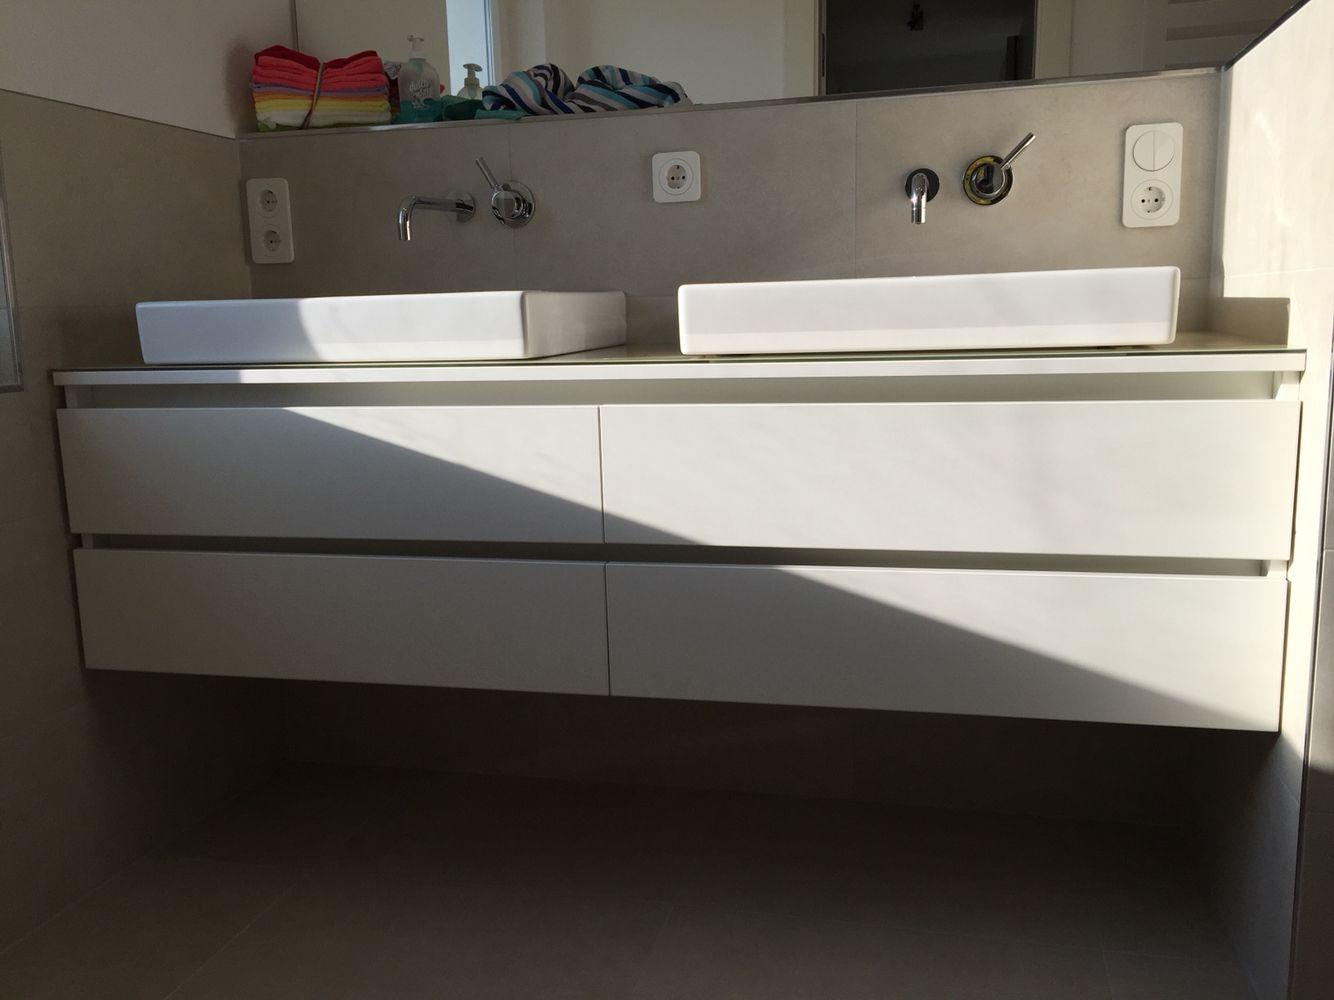 Waschtisch Unterschrank Mit Griffmulden Mit Glas Aufsatzplatte Und Zwei Keramag Waschbecken In Die Waschbecken Badezimmer Unterschrank Waschbeckenunterschrank